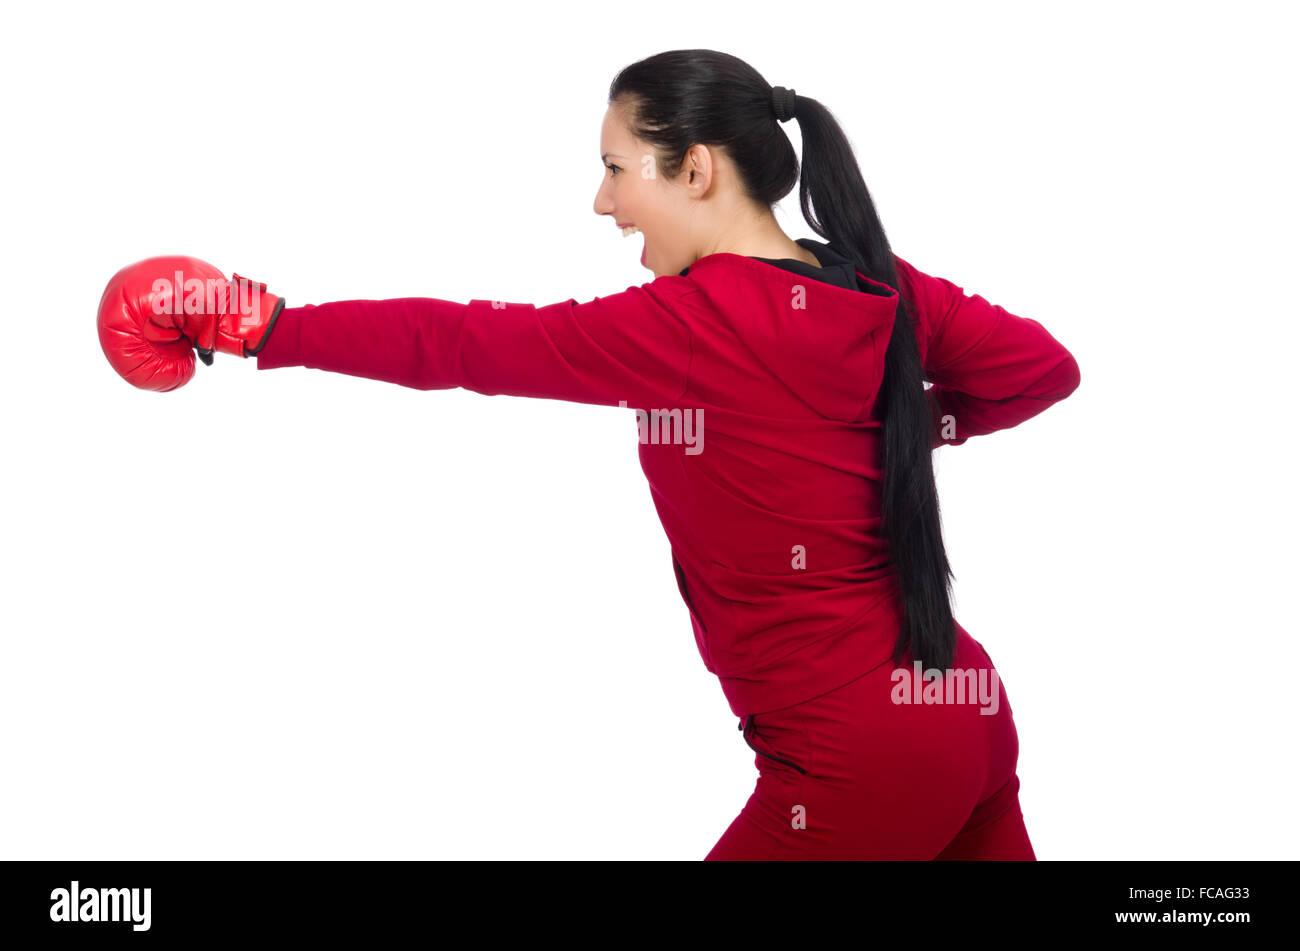 La mujer boxer aislado en el blanco Imagen De Stock